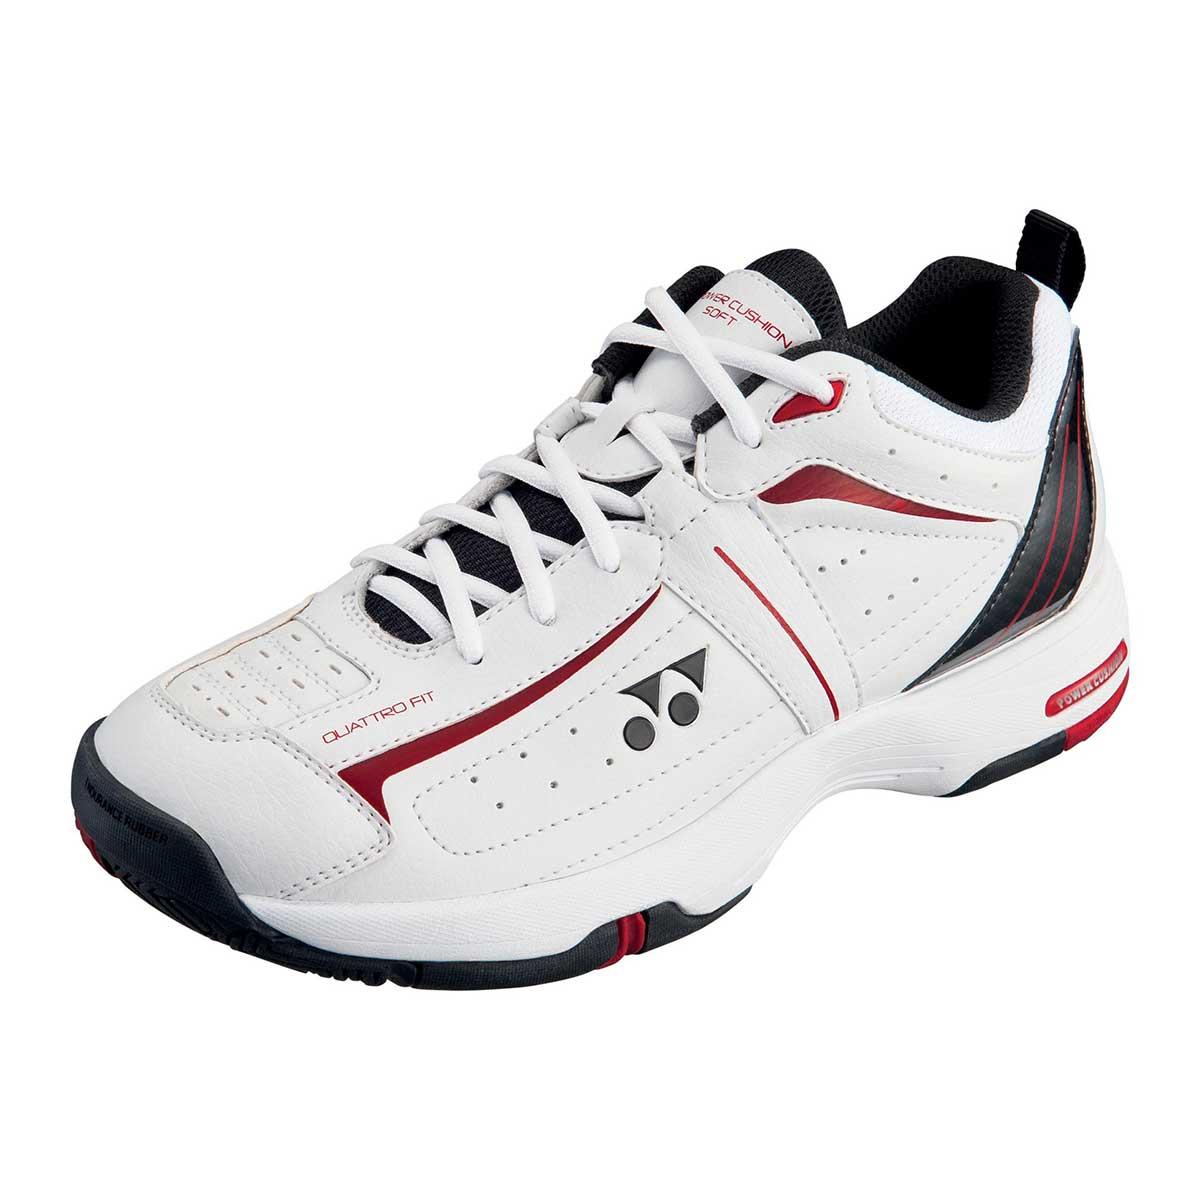 Buy Yonex SHT Soft Tennis Shoes Online India